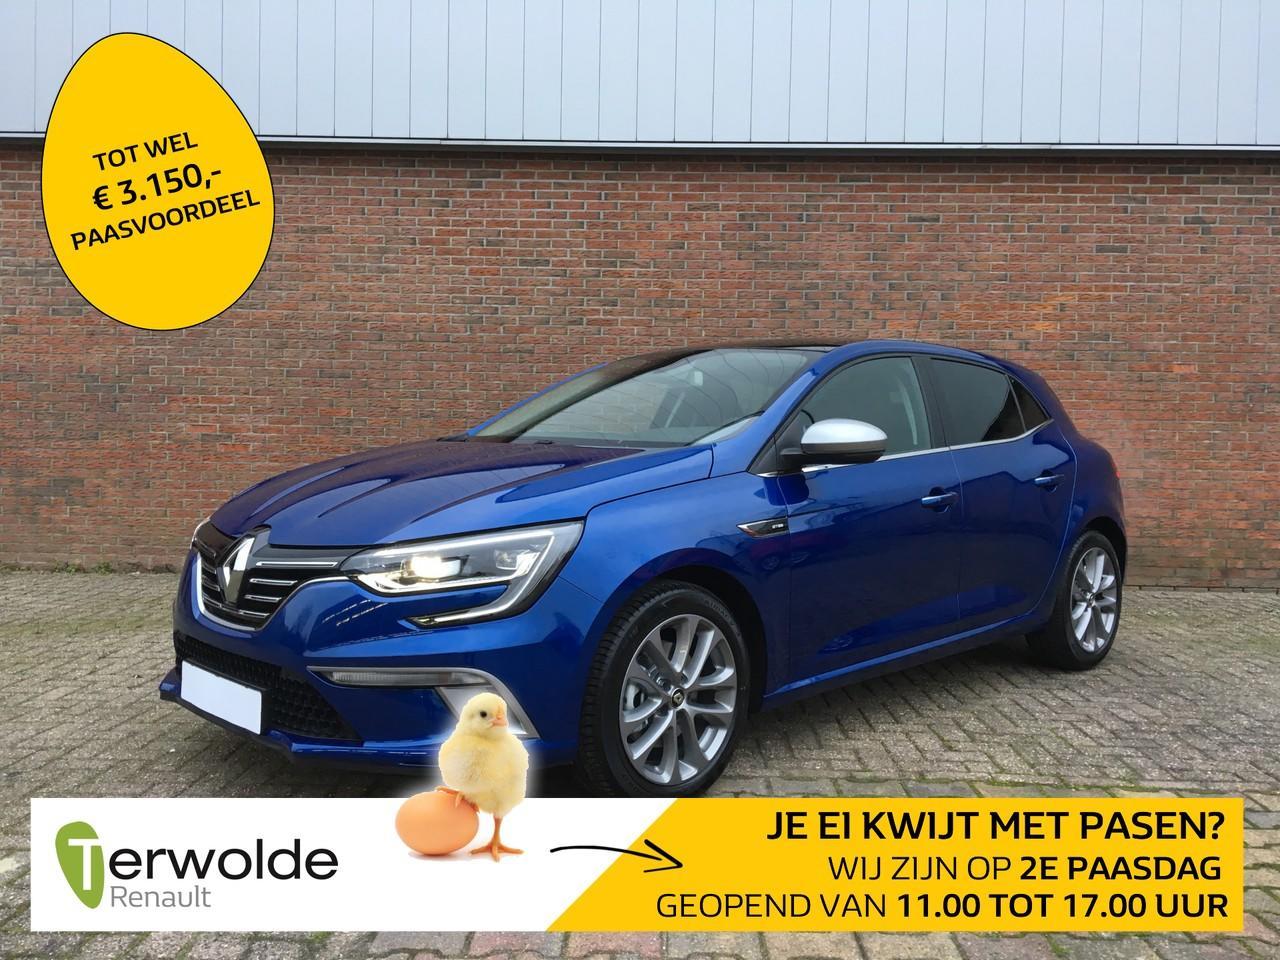 Renault Mégane 160tce gt-line nieuw en uit voorraad leverbaar ! € 3.459,- korting ! financieren tegen 2,9% rente !